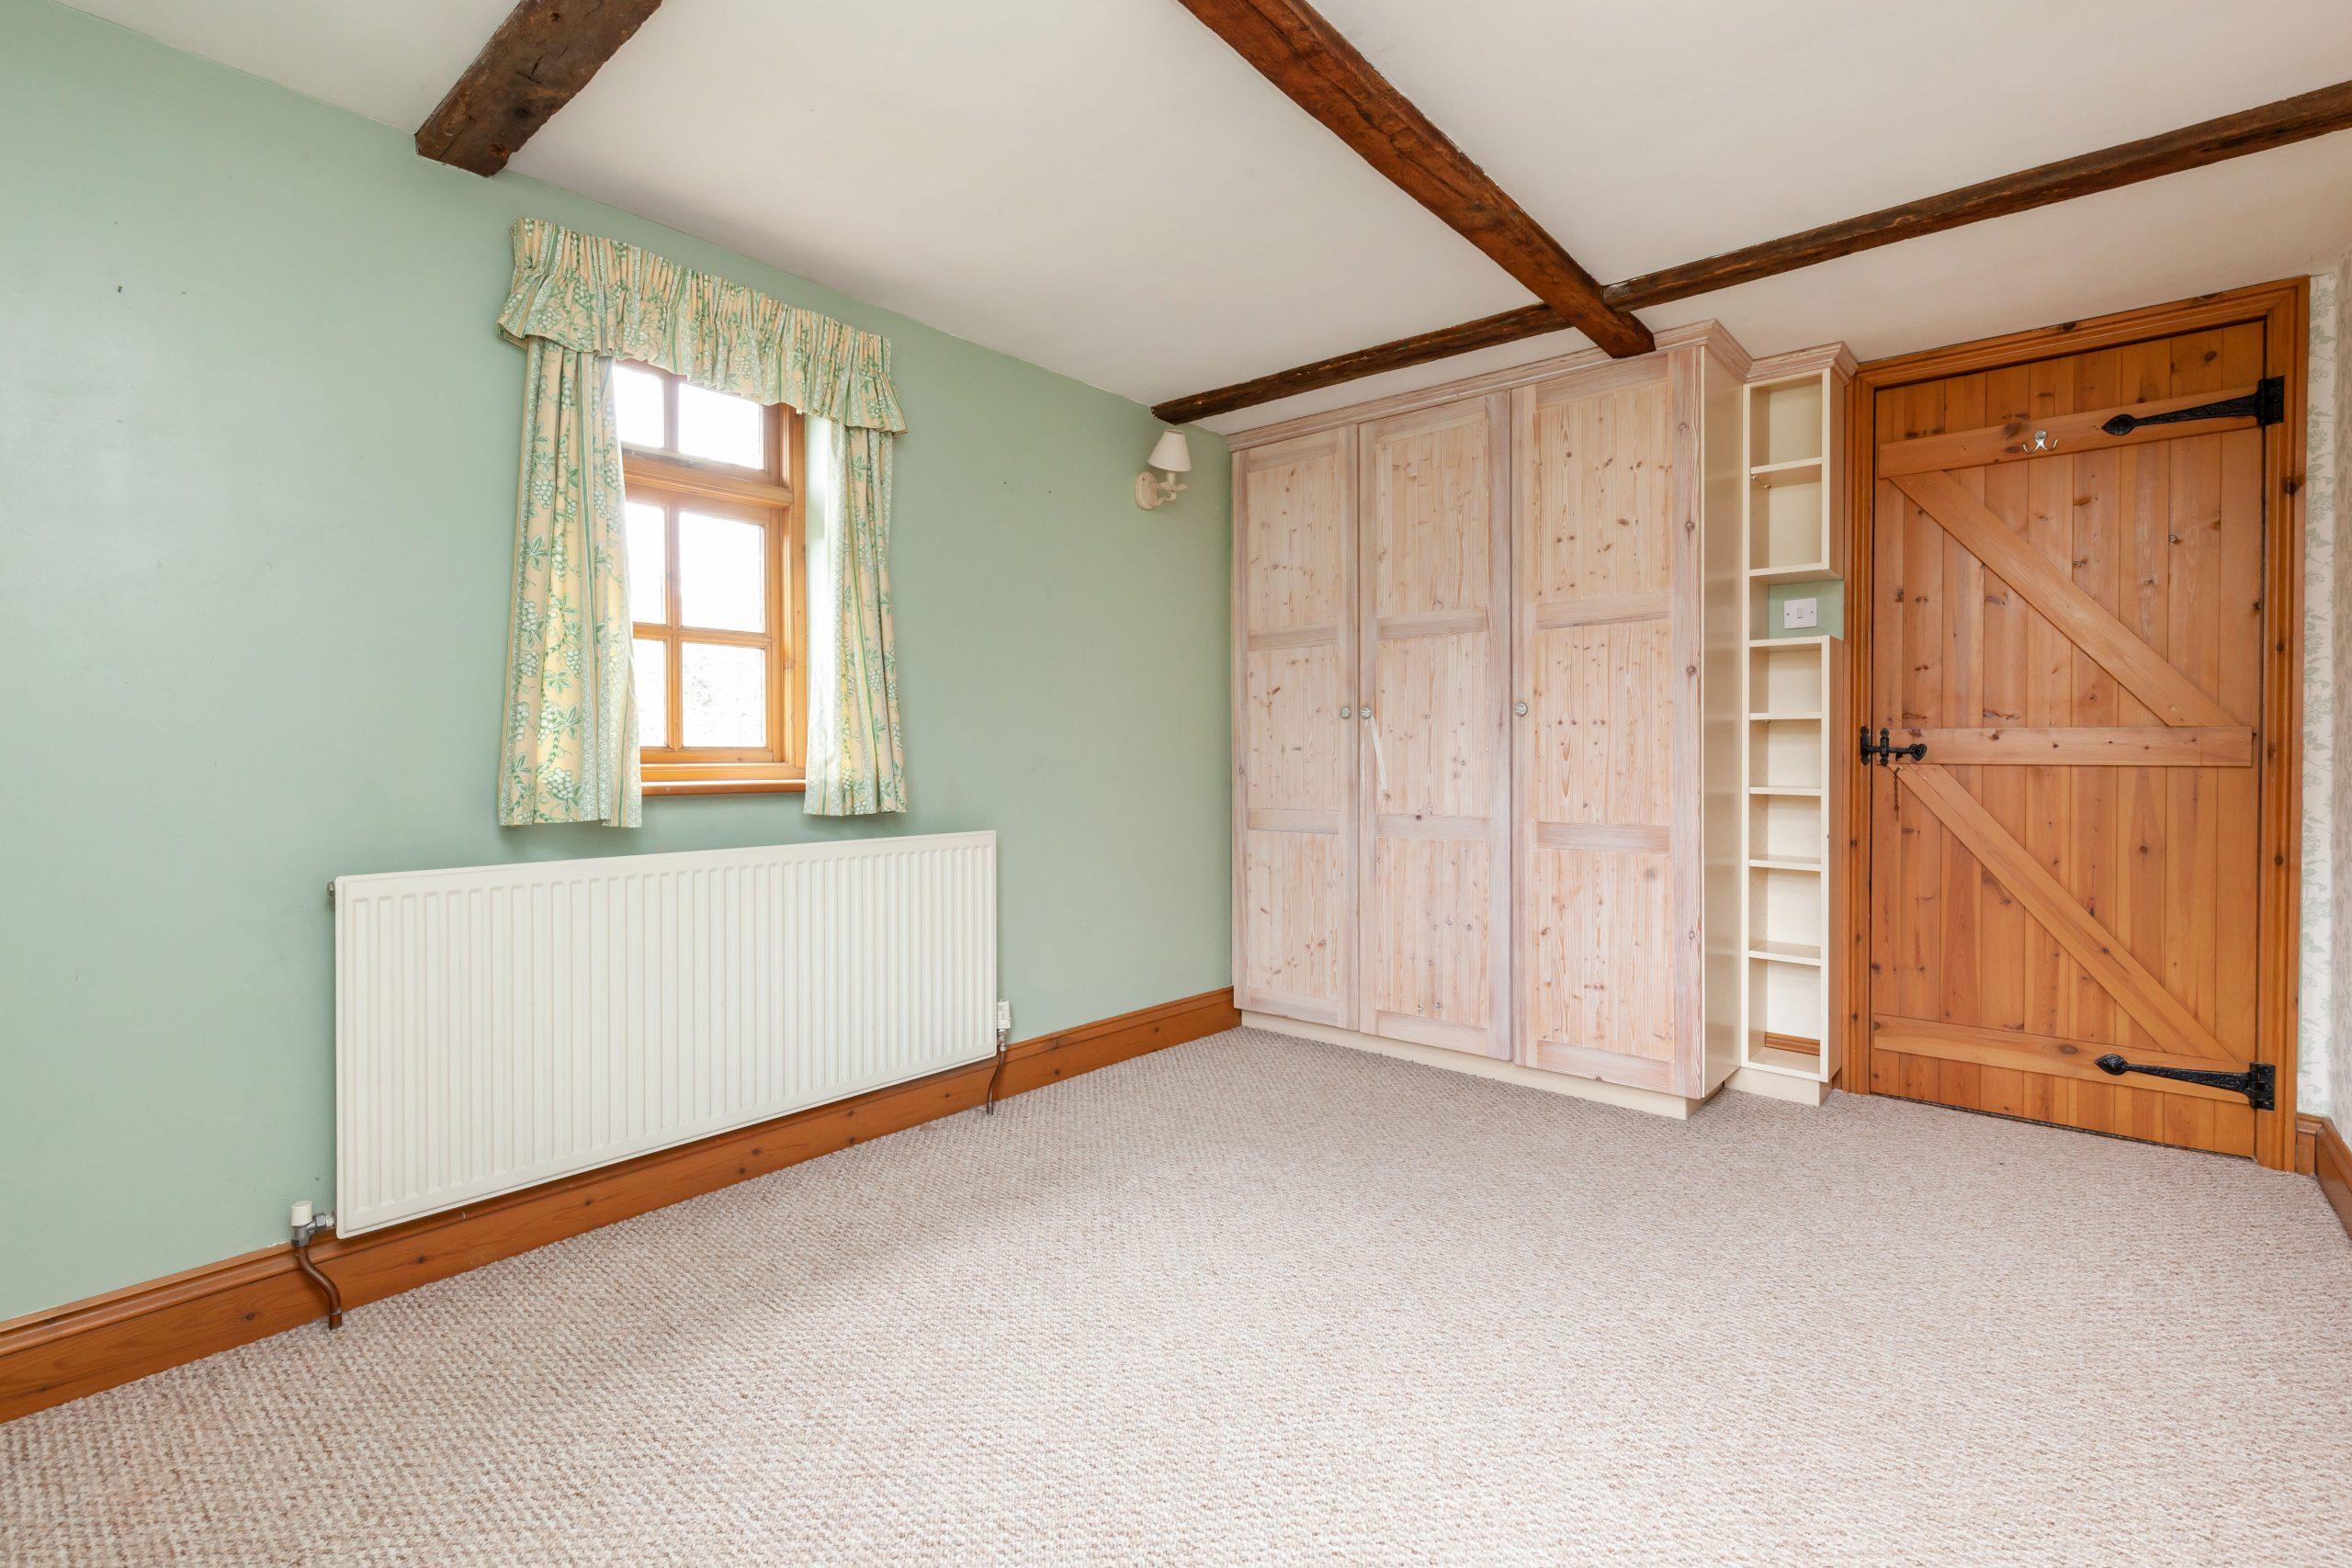 Biddenden – 3 Bedroom End of Terrace House